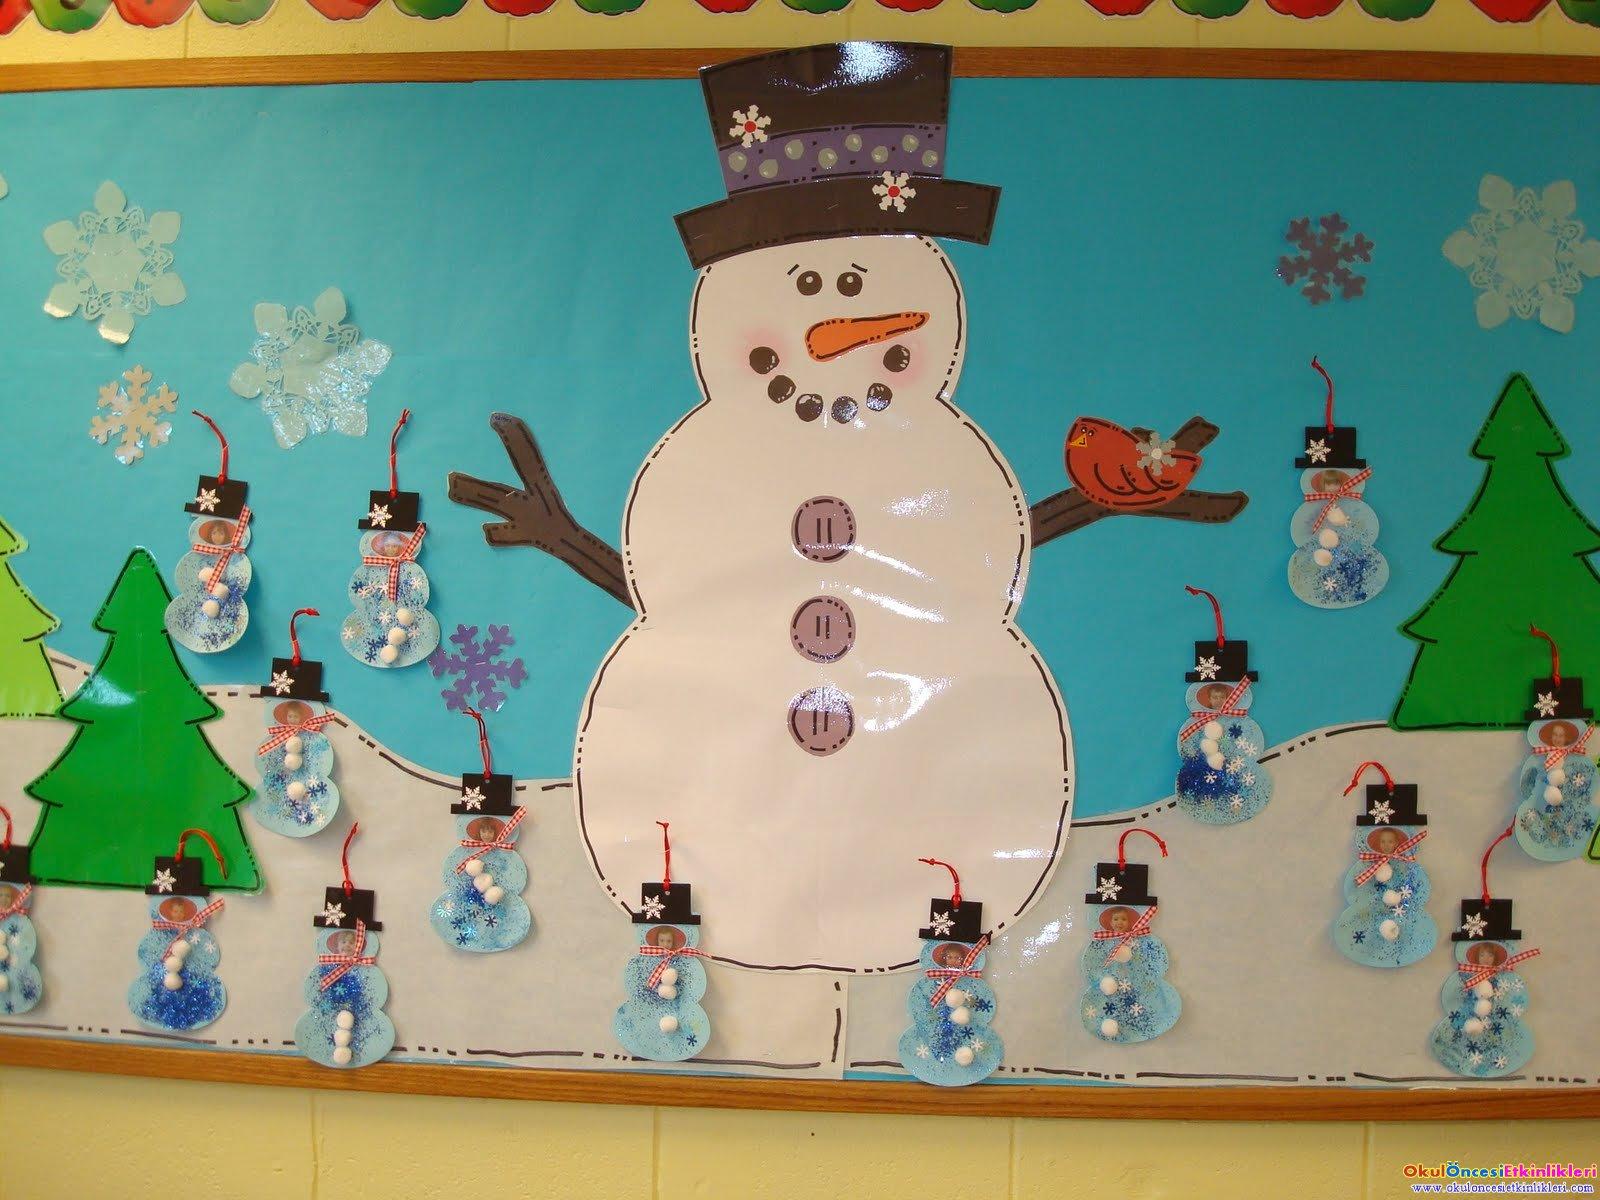 Decorating Ideas > OKUL ÖNCESİ ETKİNLİKLERİ  Hayallerinizi Sınırlamayın  ~ 065738_Christmas Decorating Ideas For Kindergarten